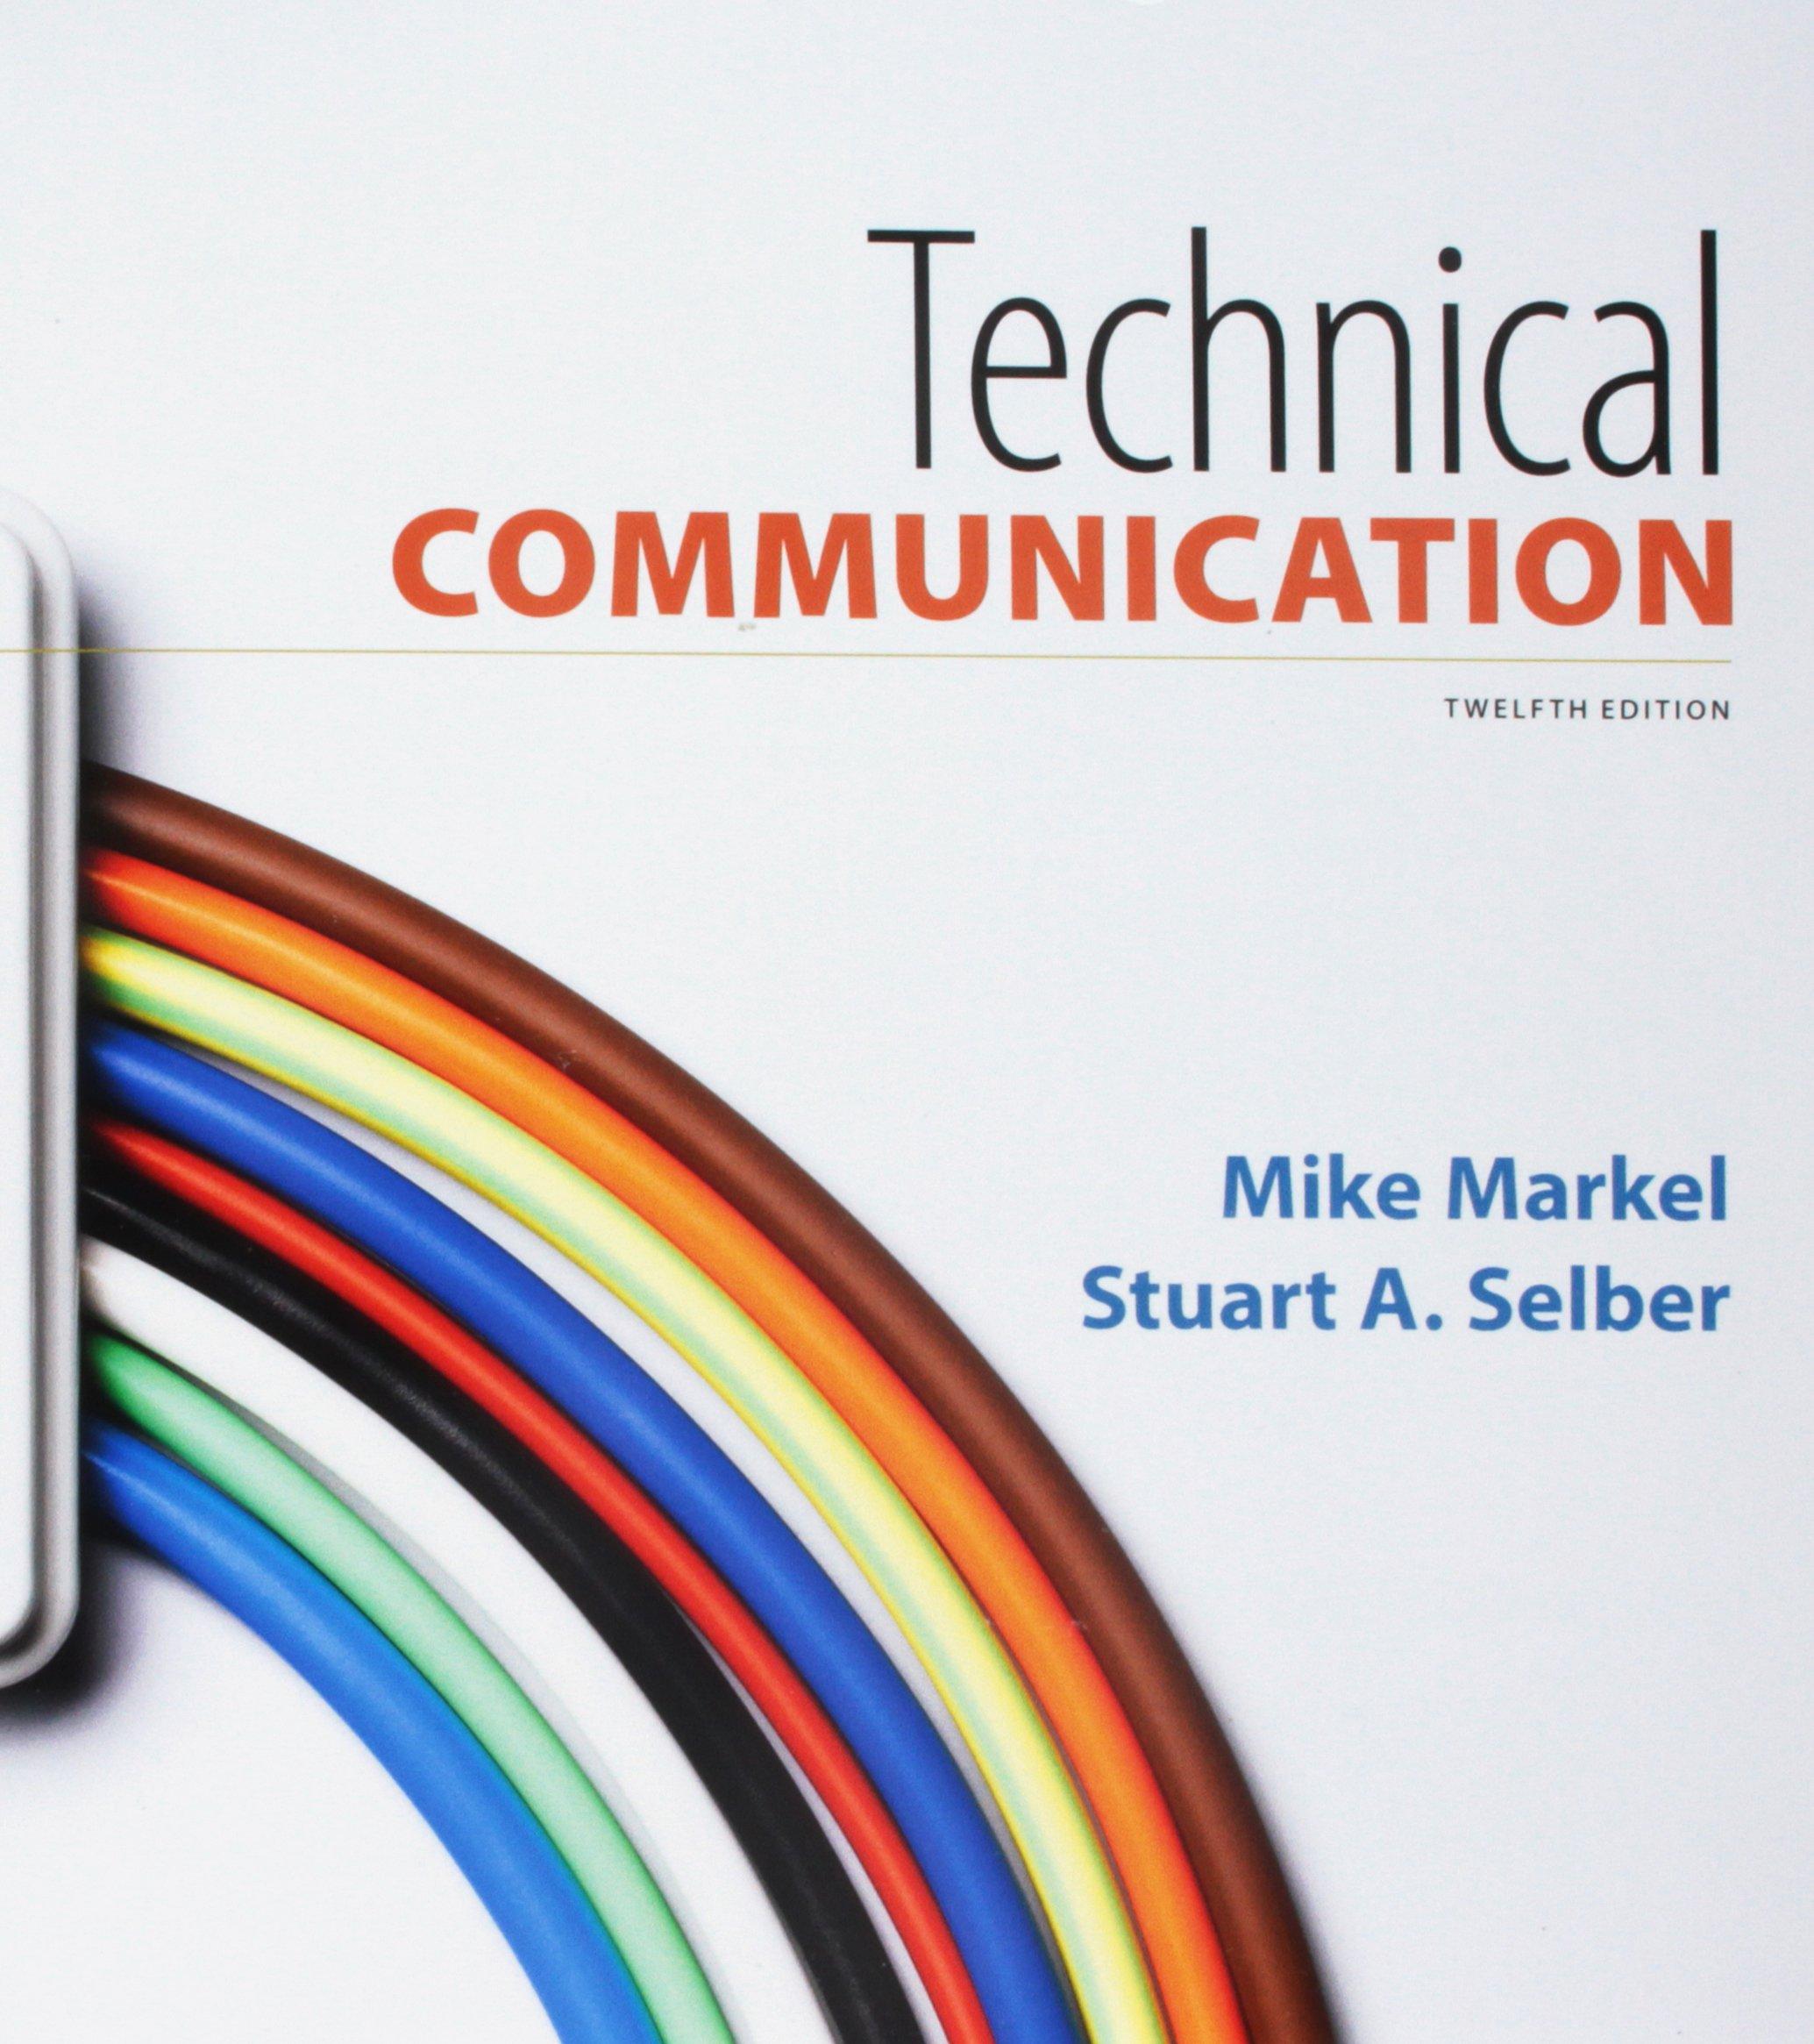 MARKEL TECHNICAL COMMUNICATION EPUB